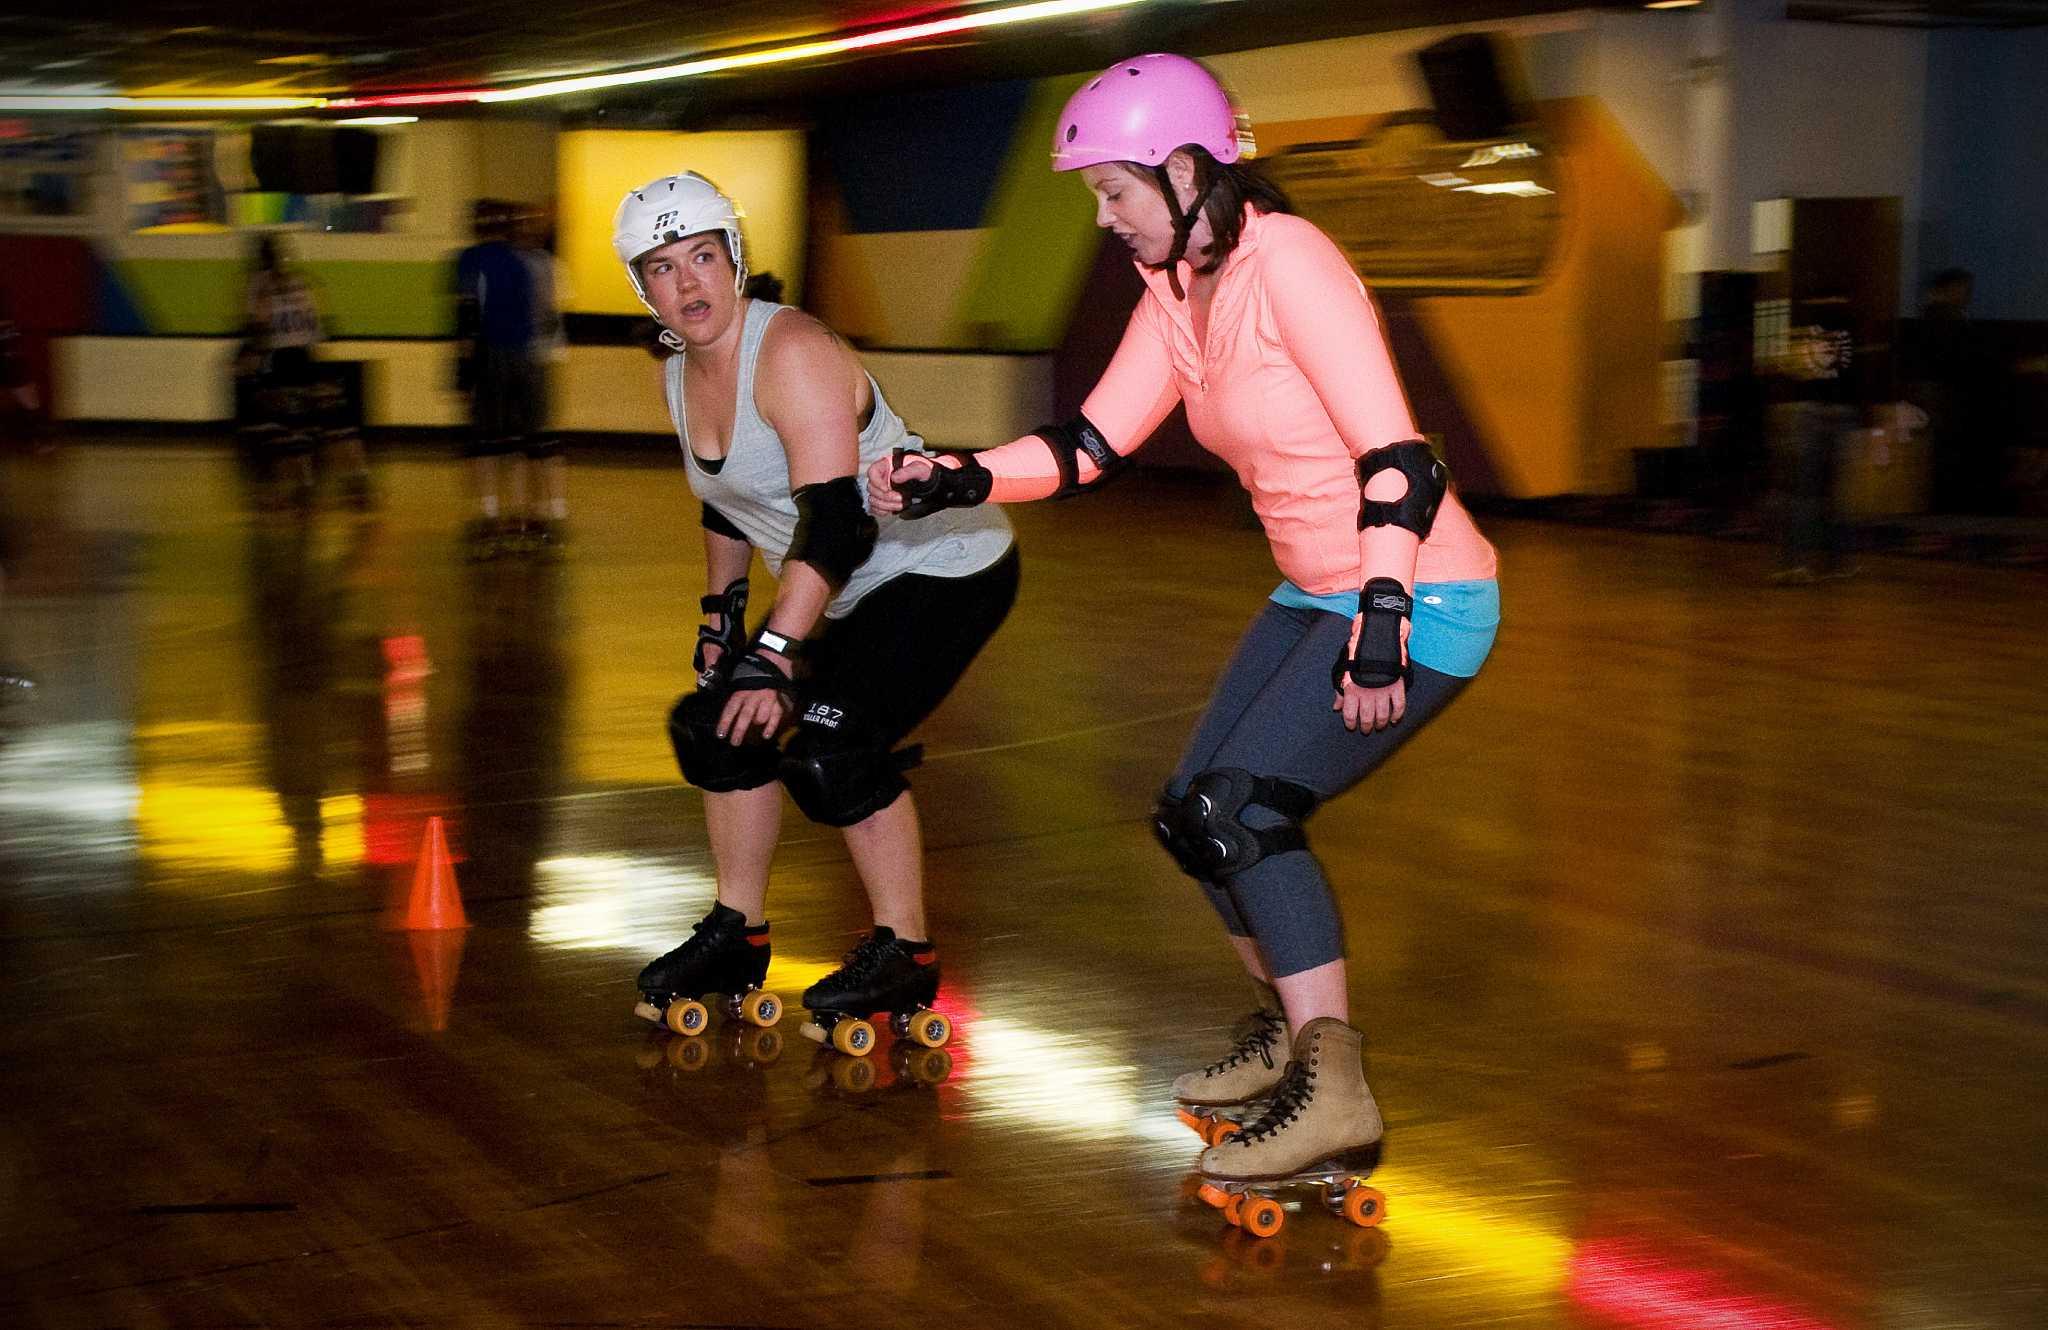 Roller skating rink waterbury ct - Roller Skating Rink Waterbury Ct 48